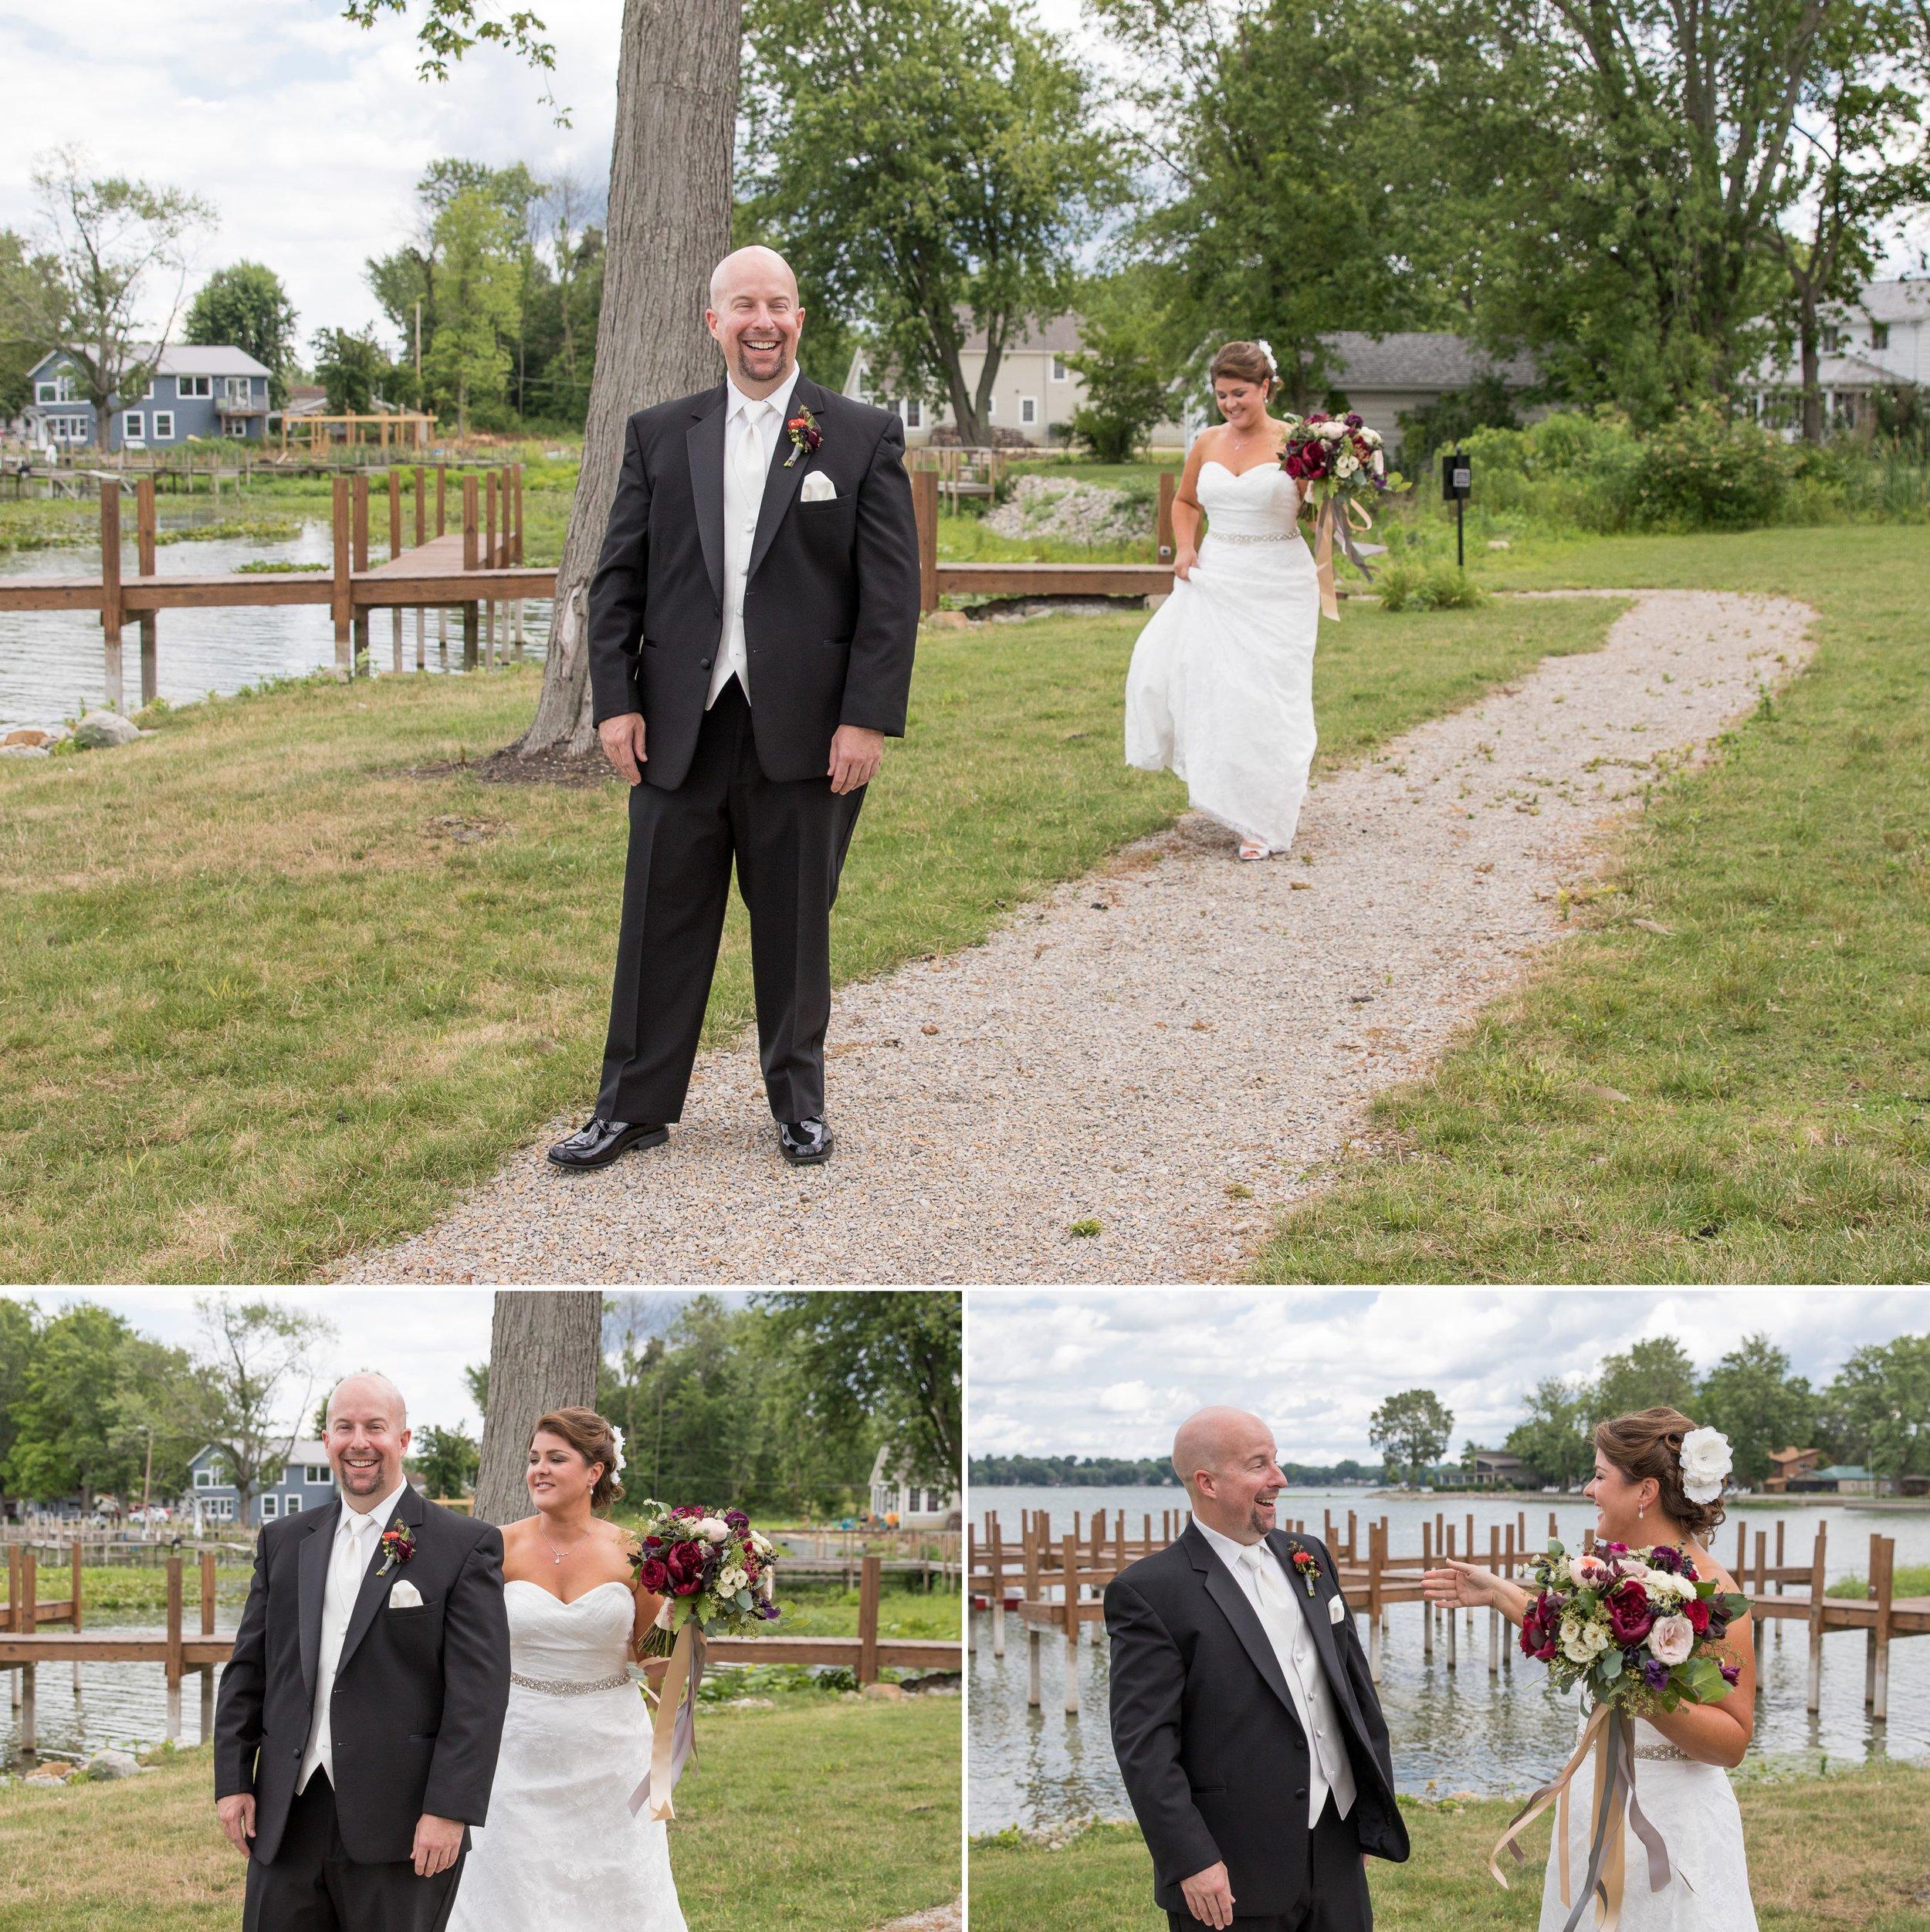 003-Buckeye-lake-winery-wedding-couple-wedding-party-portraits-columbus-ohio-wedding-muschlitz-photography-01.JPG